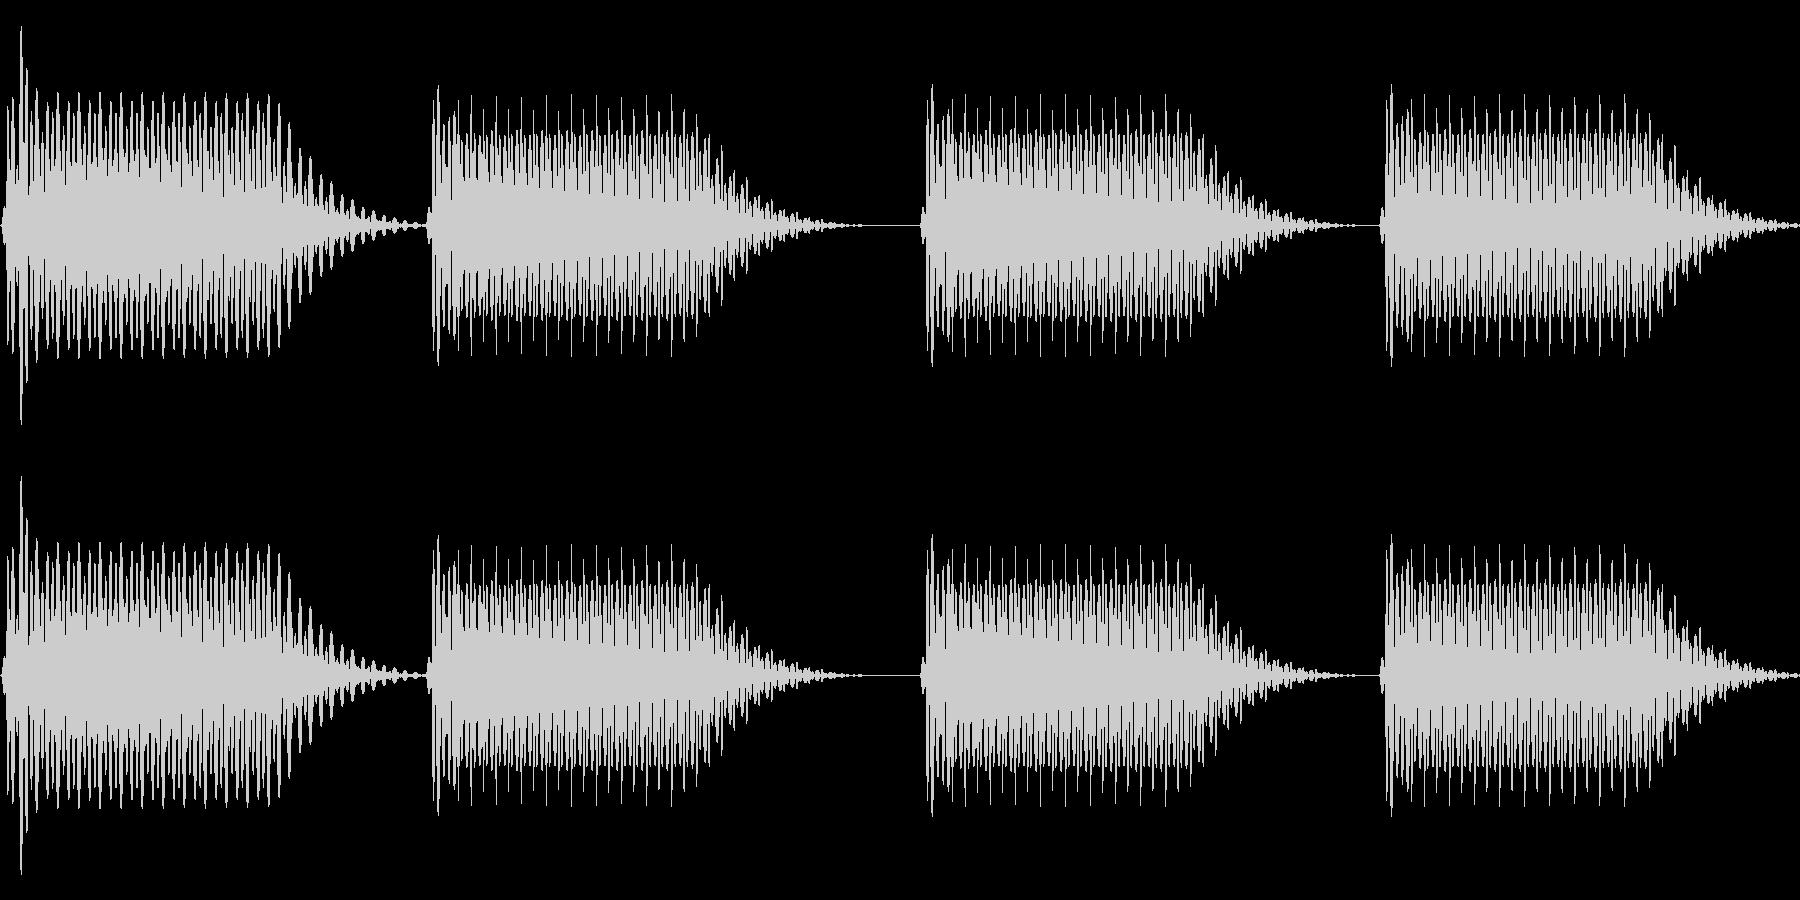 往年のRPG風 セリフ・吹き出し音 4の未再生の波形